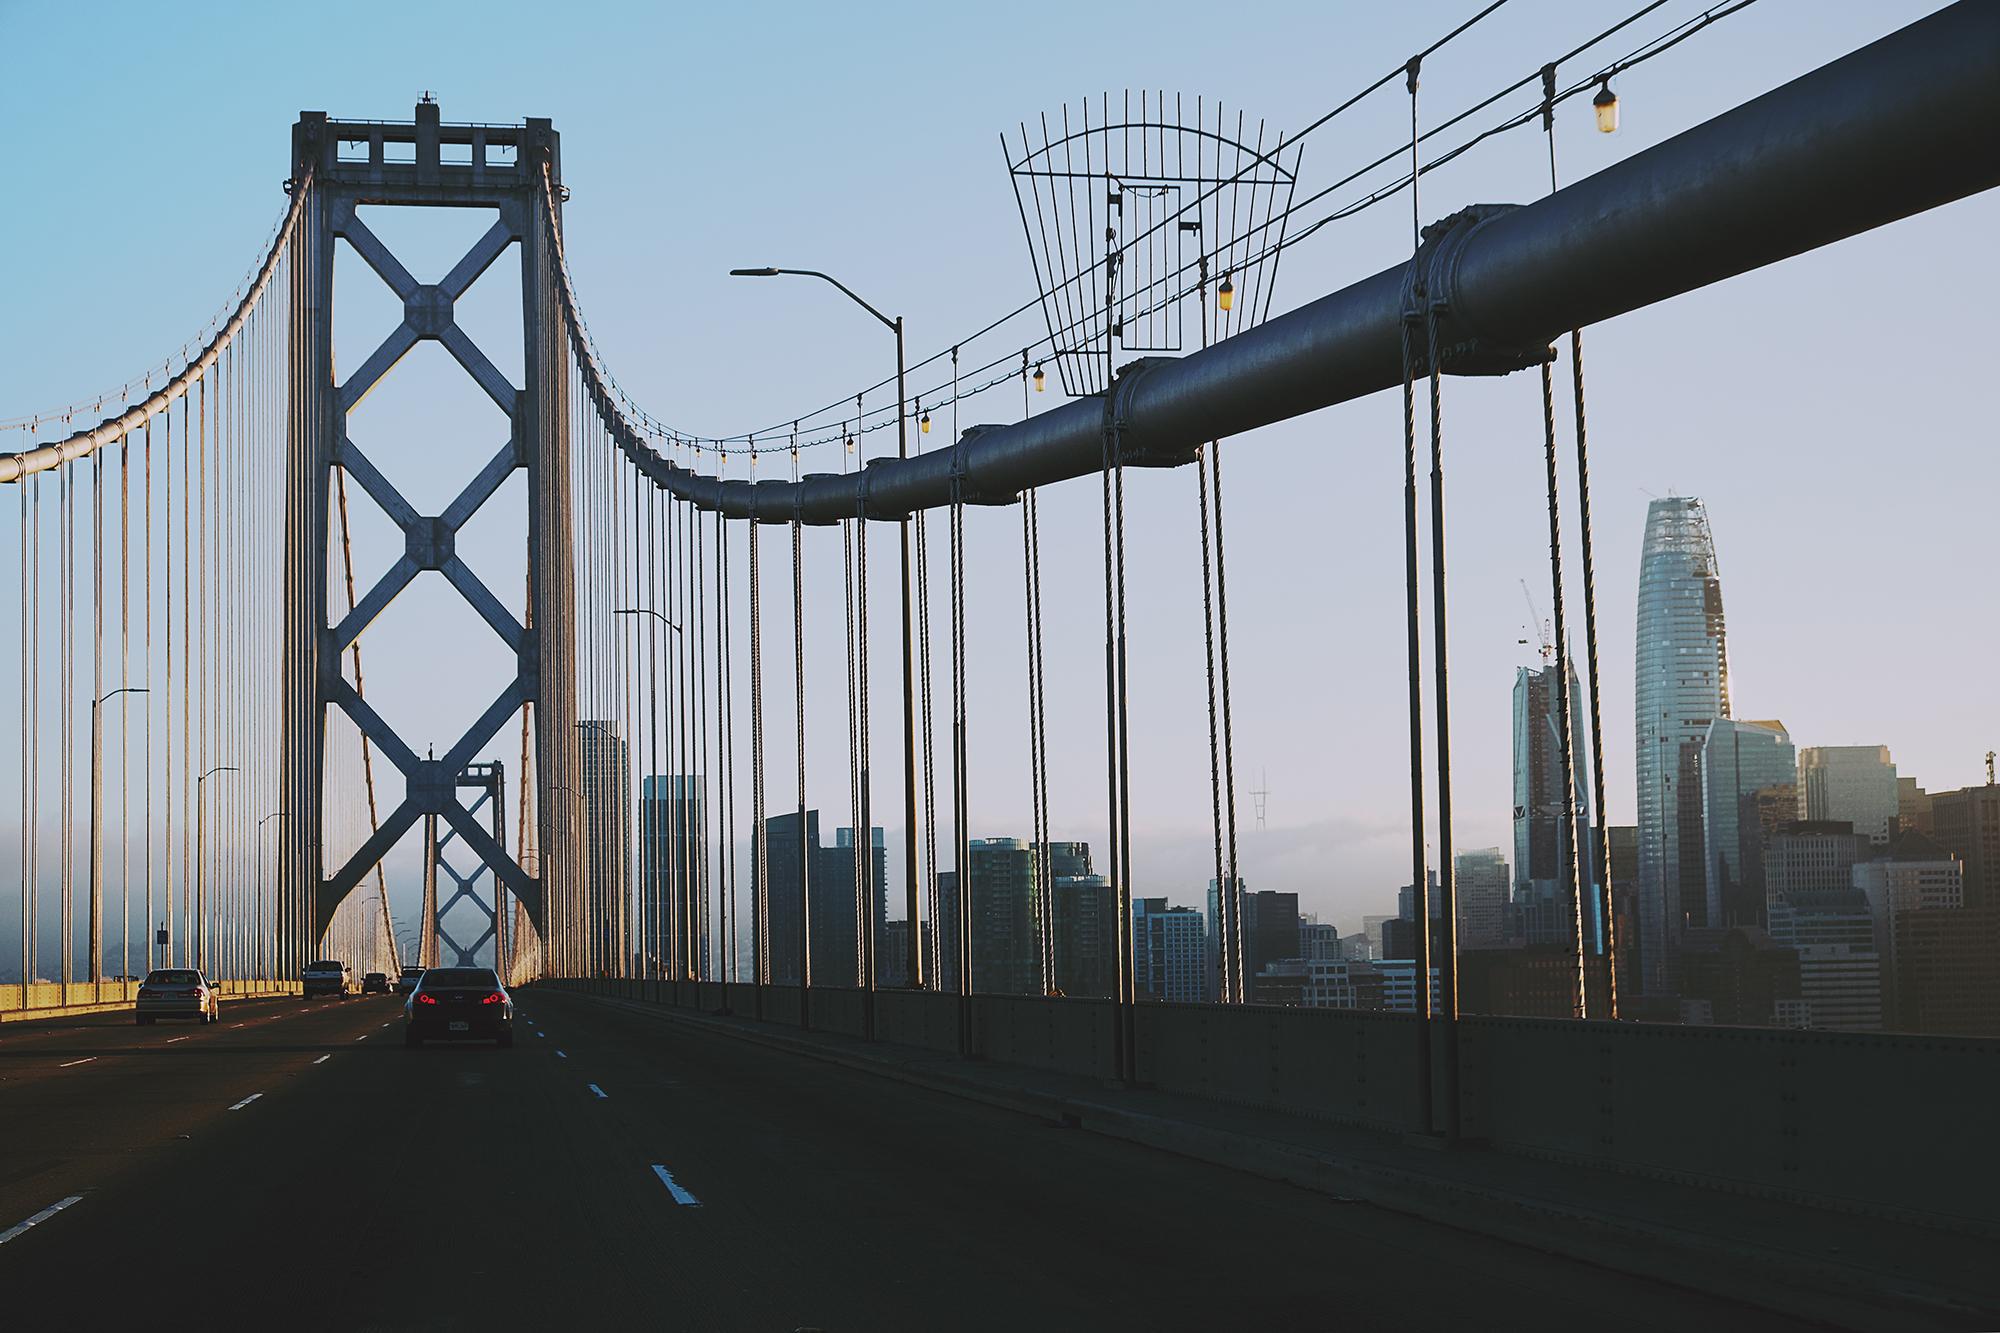 Fahrt über die Bay Bridge nach San Francisco; Kalifornien